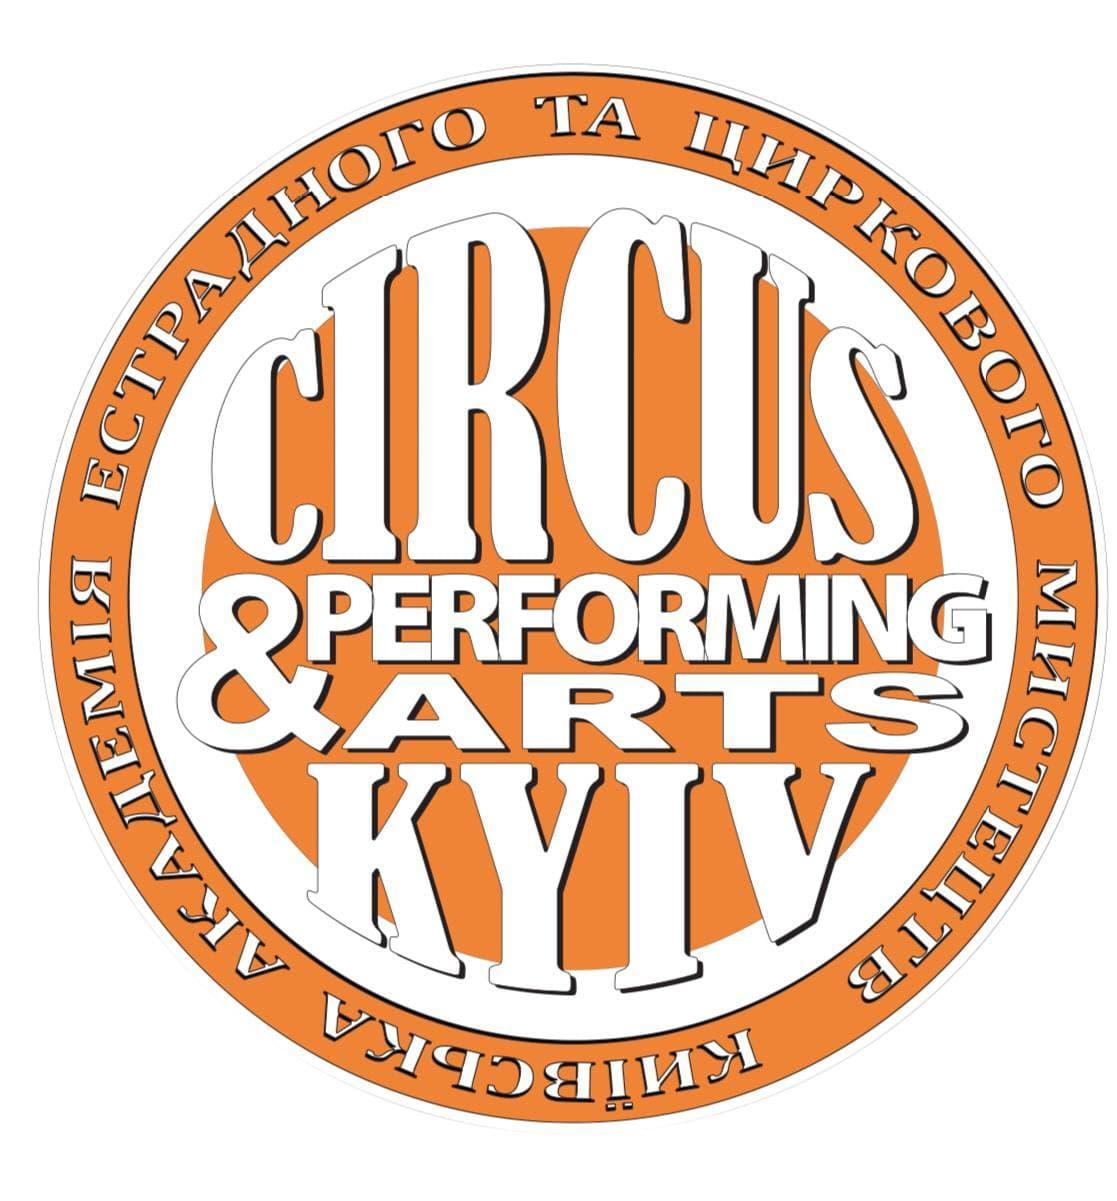 Київська муніципальна академія естрадного та циркового мистецтв (КМАЕЦМ)